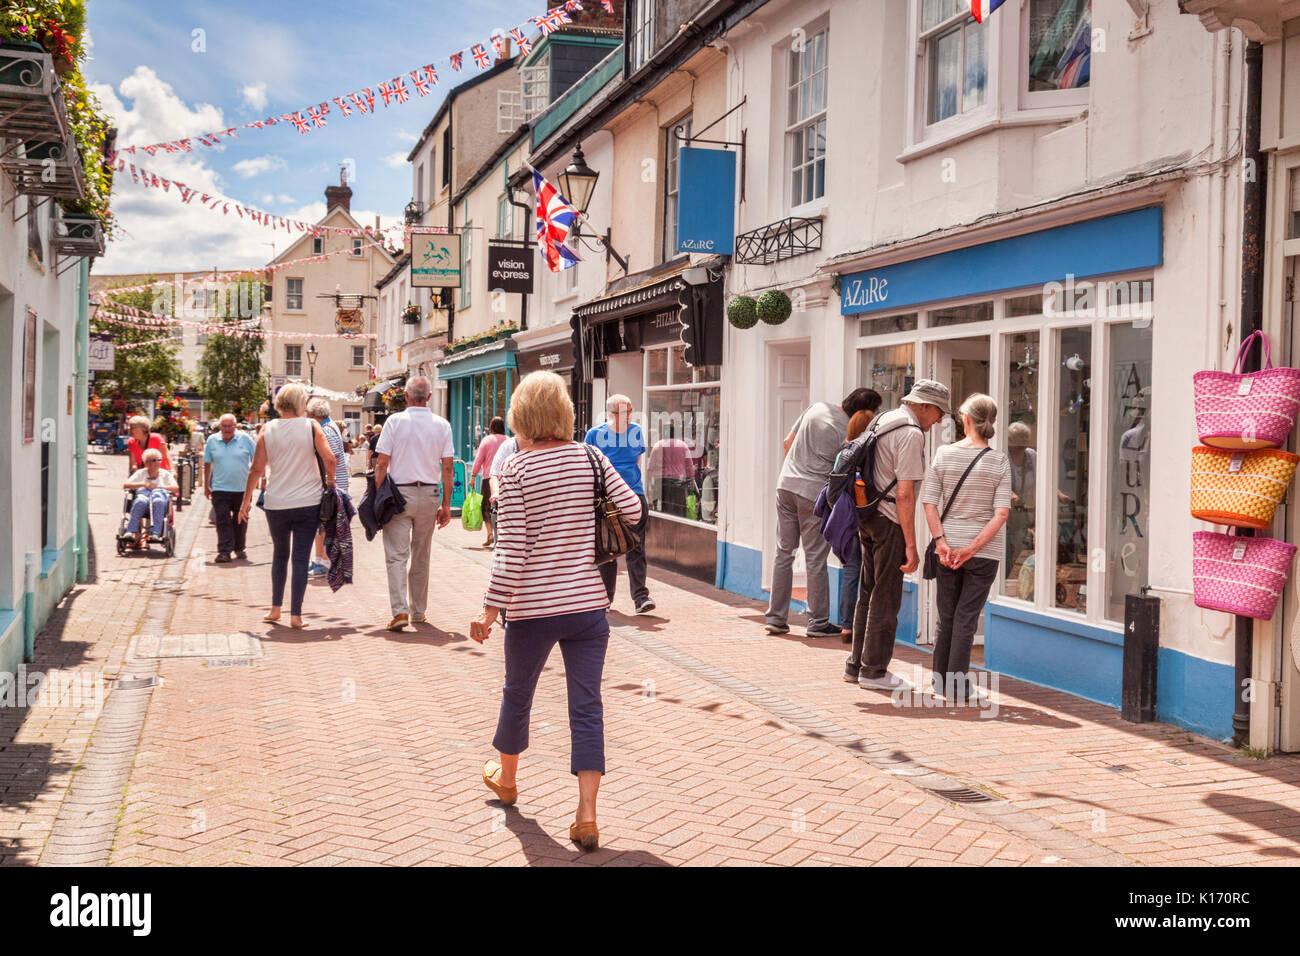 # Juillet 2017: la ville de Sidmouth, Dorset, England, UK - Personnes shopping dans le vieux Fore Street sur une journée ensoleillée. L'accent sur le premier plan. Photo Stock